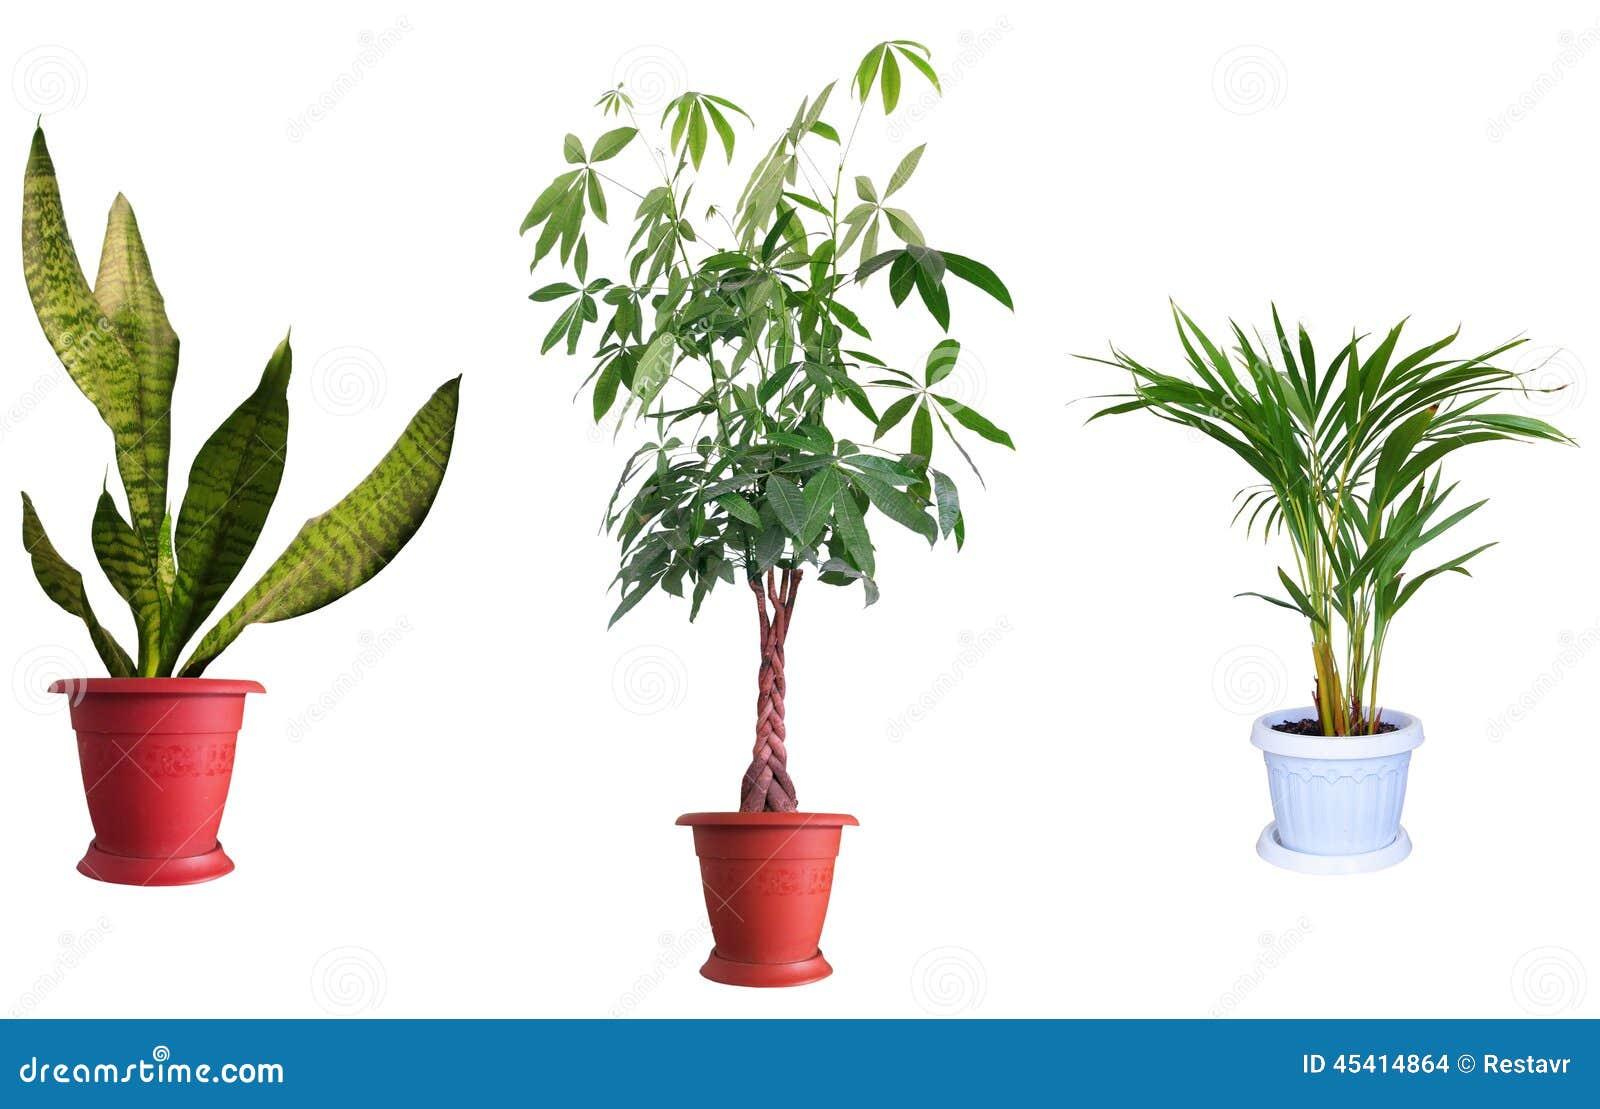 Plantas ornamentales foto de archivo imagen 45414864 for 2 plantas ornamentales